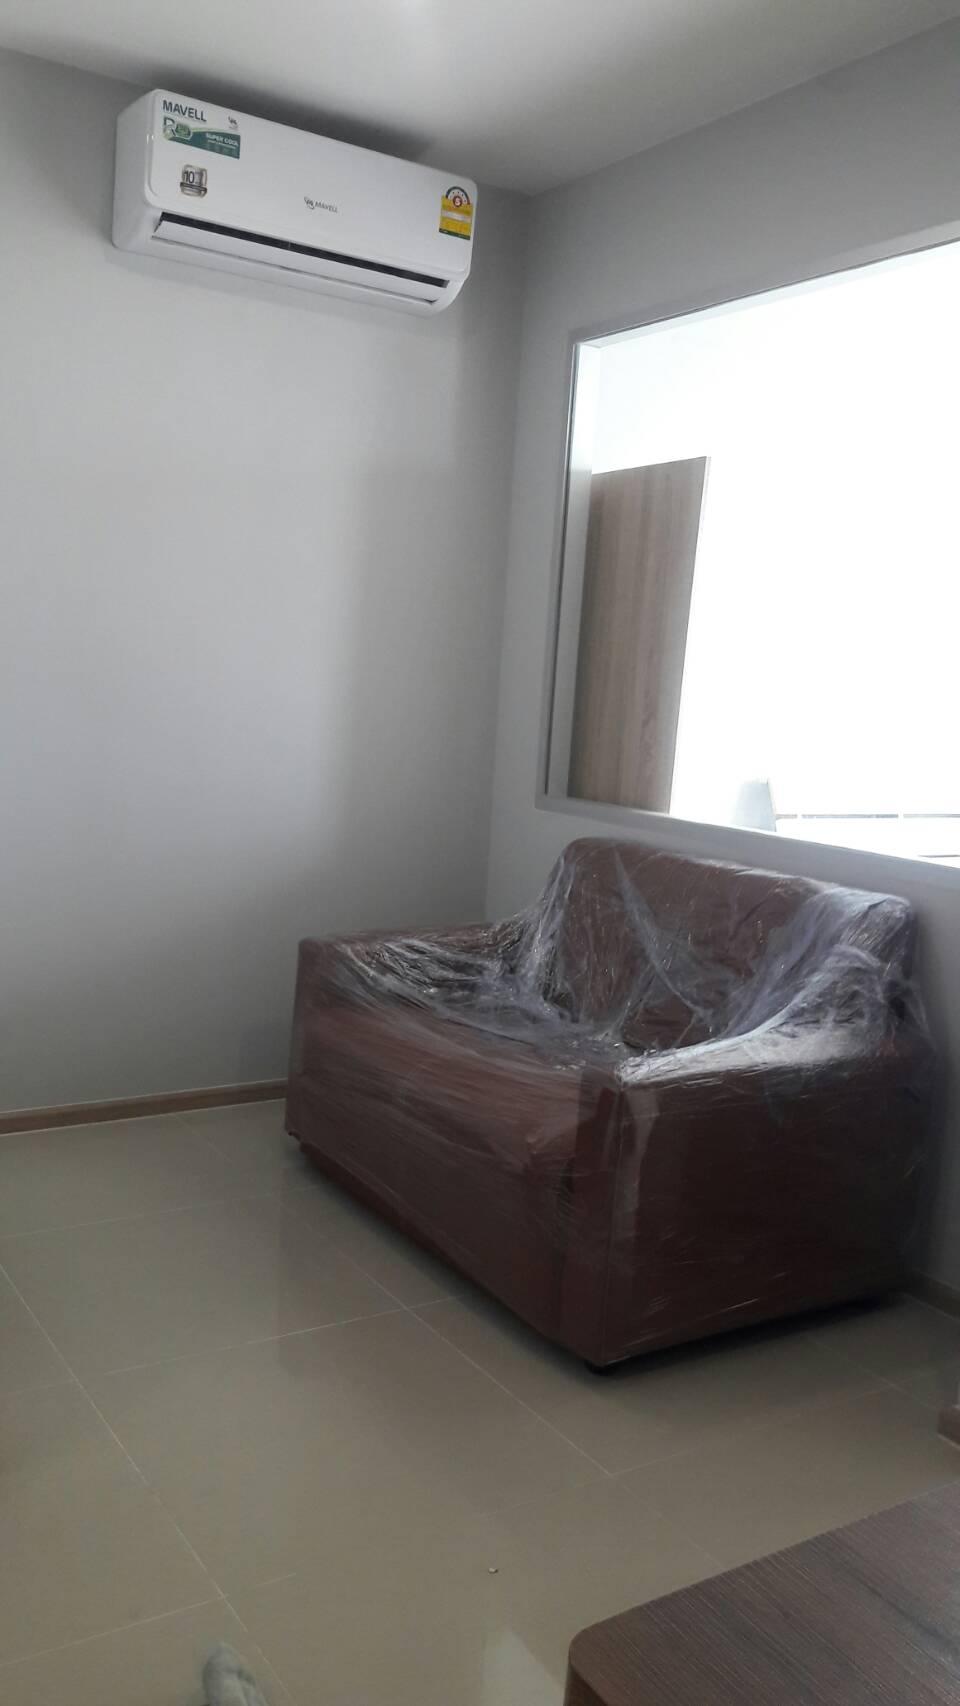 ประกาศให้เช่าคอนโดหรู ริชพาร์ค 3 @ เจ้าพระยา ใกล้ MRT ไทรม้า พร้อมอยู่ 1 ห้องนอน ชั้น 33 เฟอร์นิเจอร์ครบ